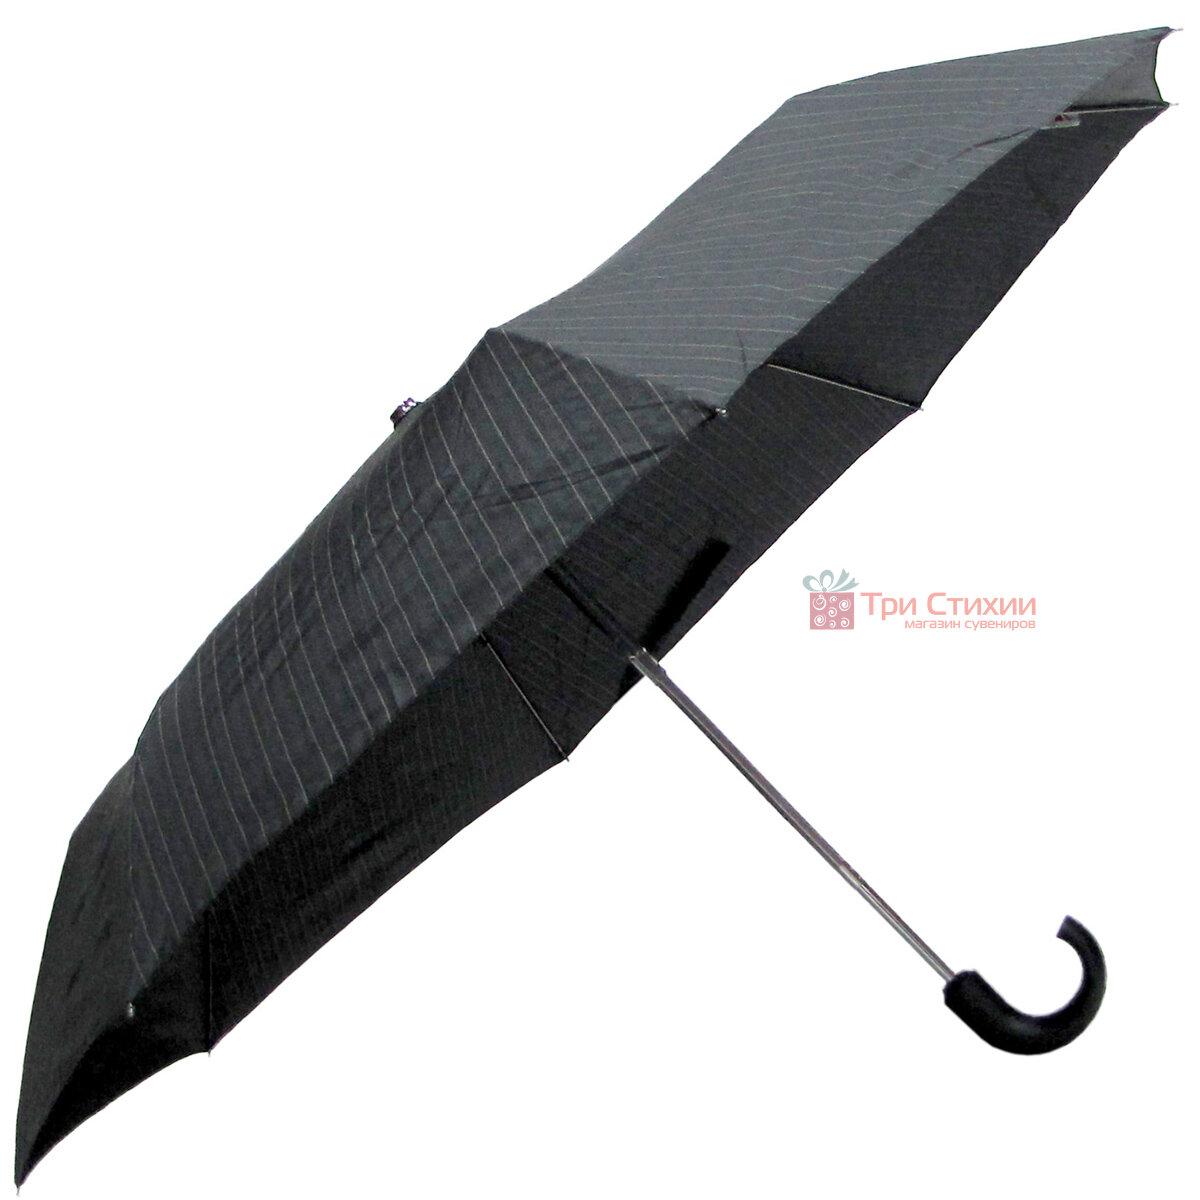 Зонт складной Doppler 74667G-3 полный автомат Узкая полоска, фото